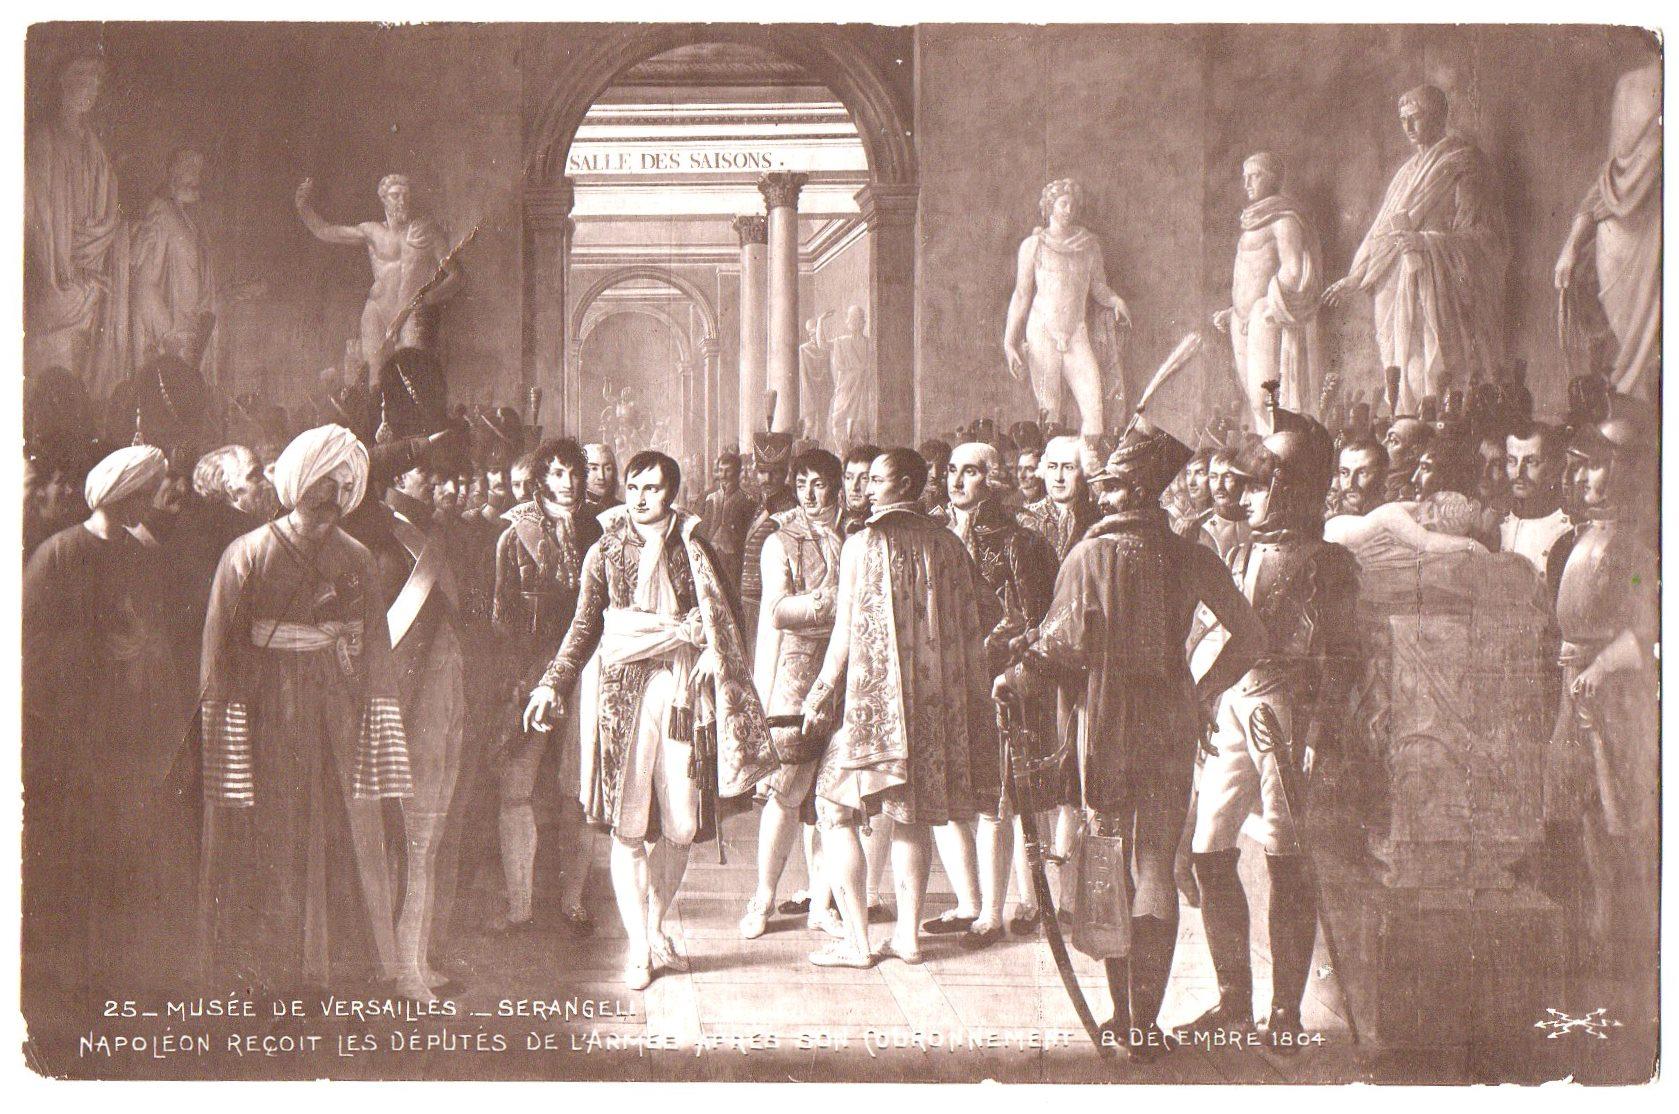 """Поштова листівка.  """"Musée de Versailles._ Goubaud._ Napoléon proclame roi d᾽Italie 19 Mars 1805 / Музей """"Версаль""""._ Губо._ Наполеон проголошує короля Італії 19 березня 1805 р."""""""